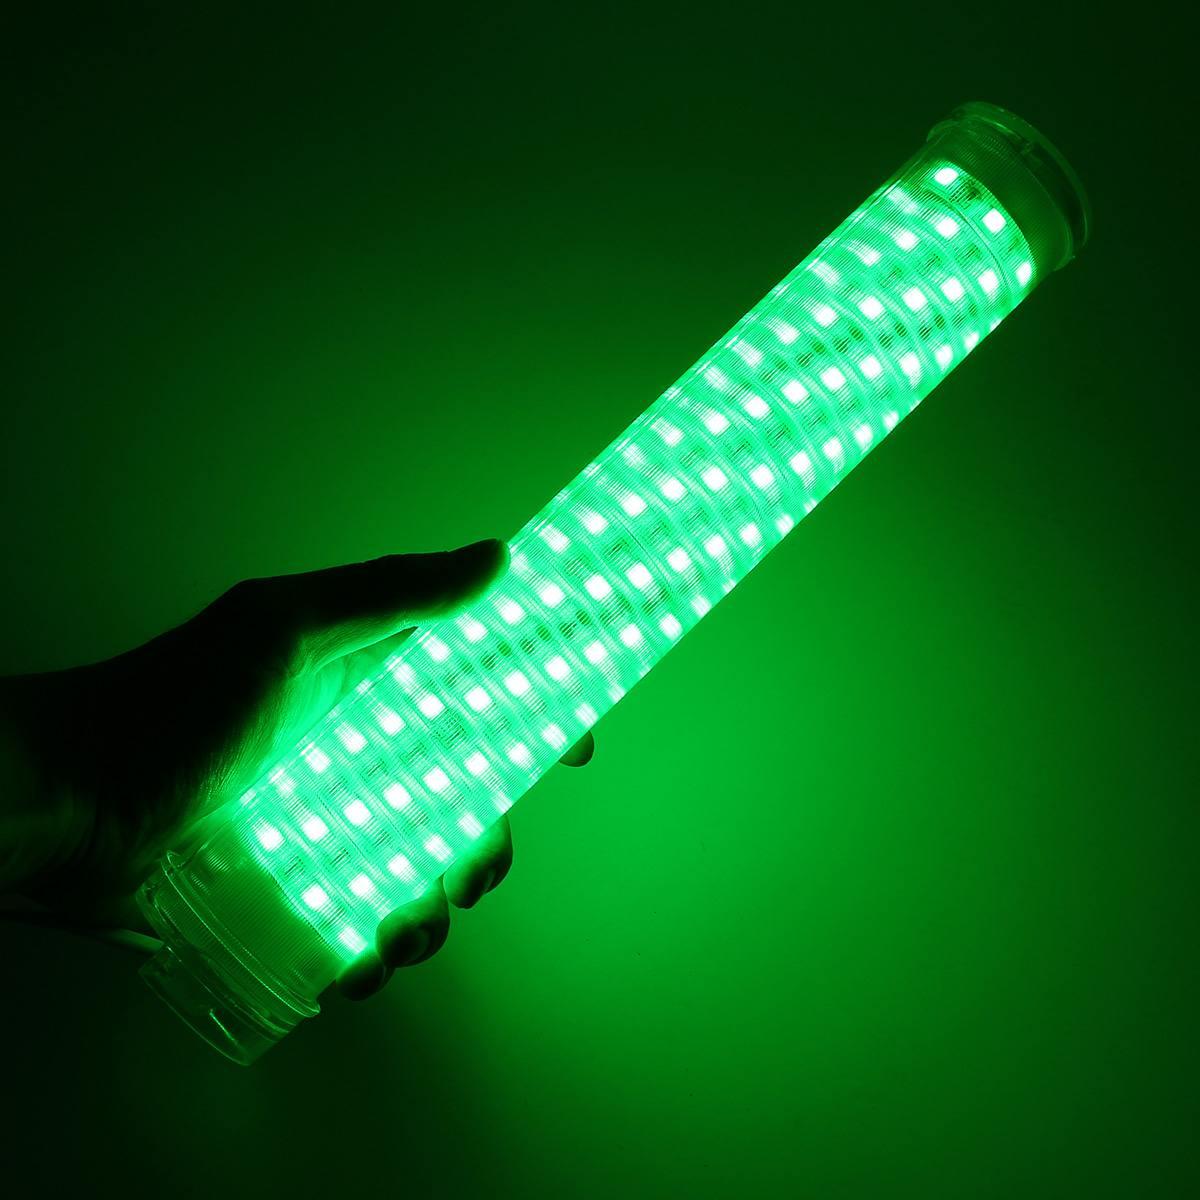 12V 30W Светодиодный Подводный Водонепроницаемый погружной светильник зеленого/синего цвета для рыбалки 2400LM лампа для рыбок кальмаров - Цвет: Зеленый